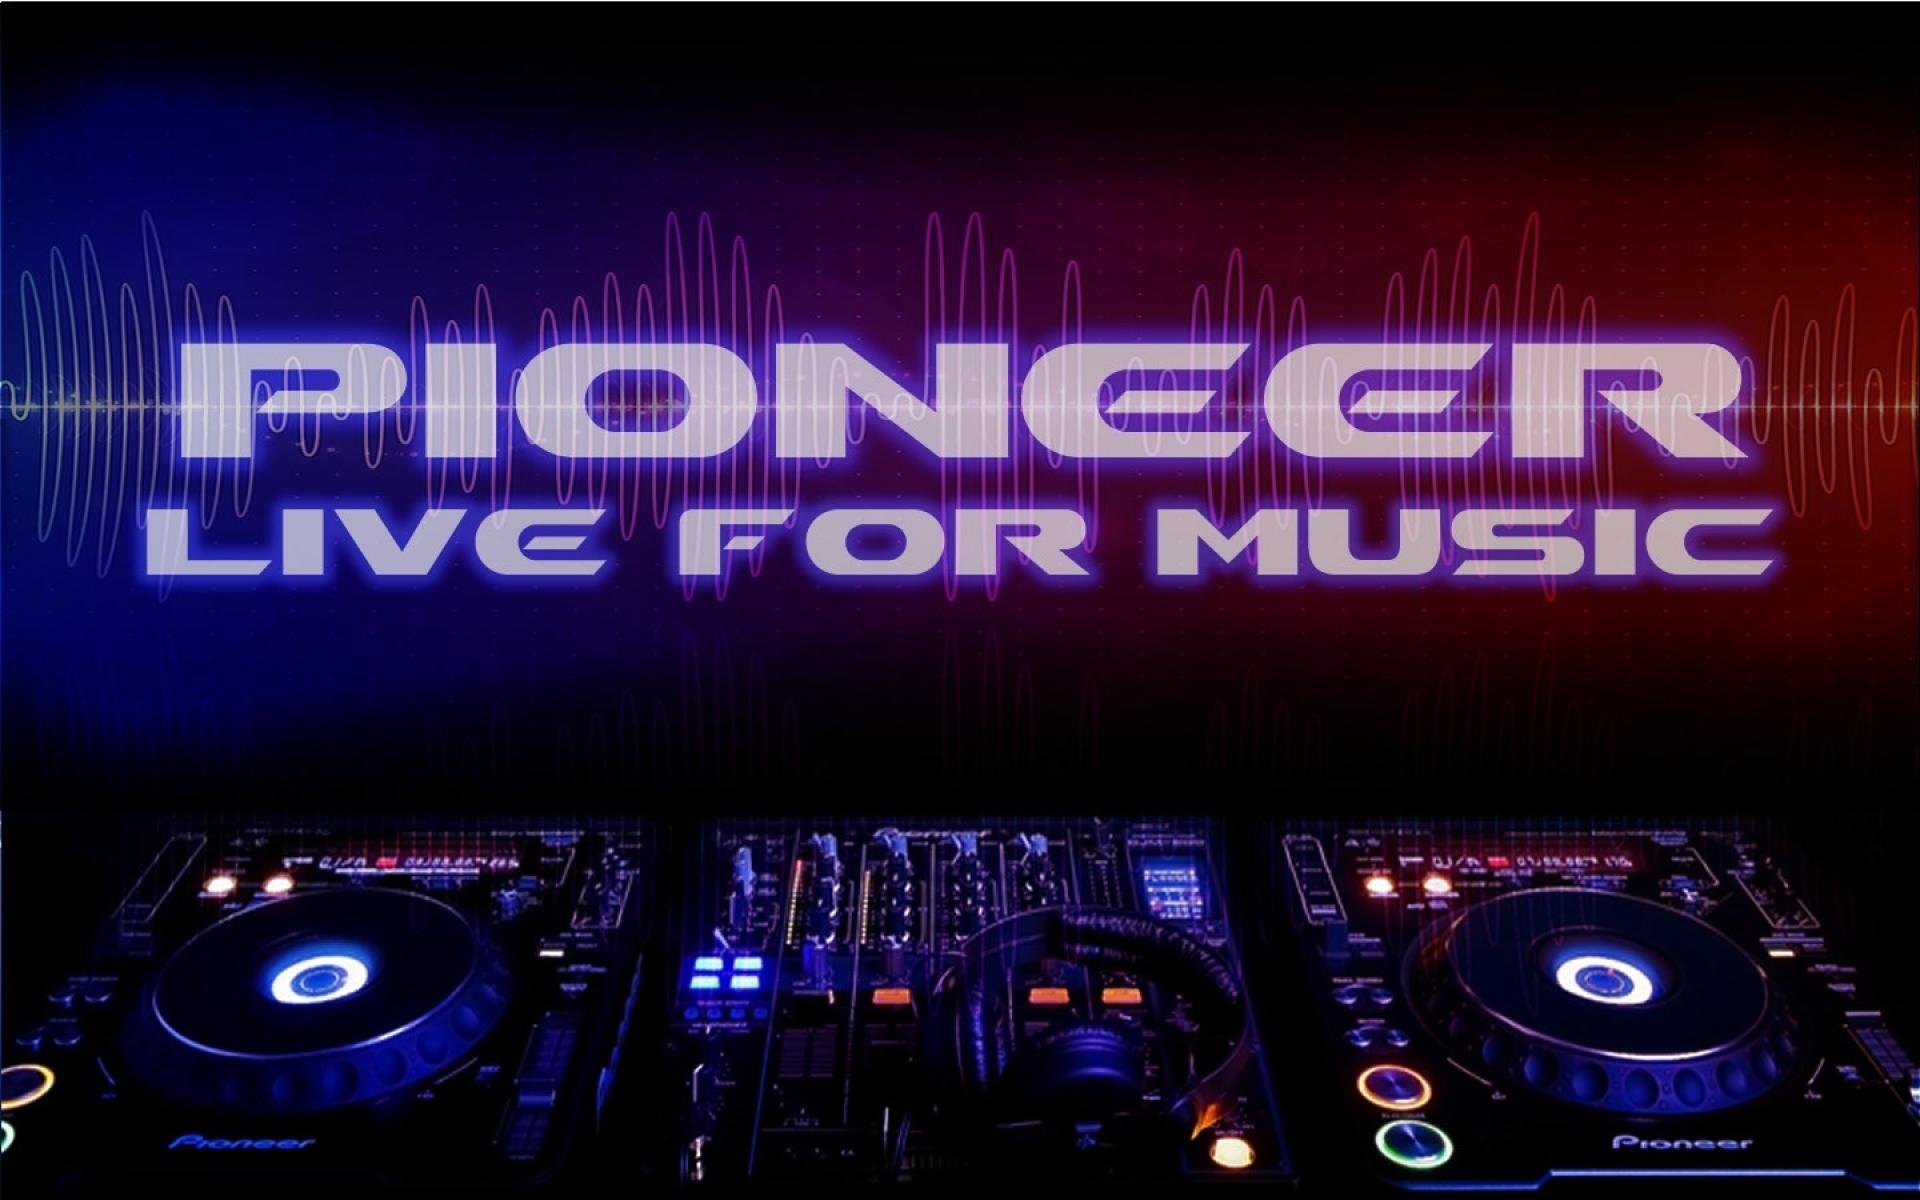 music turntables pioneer deck dj 1440x900 wallpaper Art HD Wallpaper 1920x1200